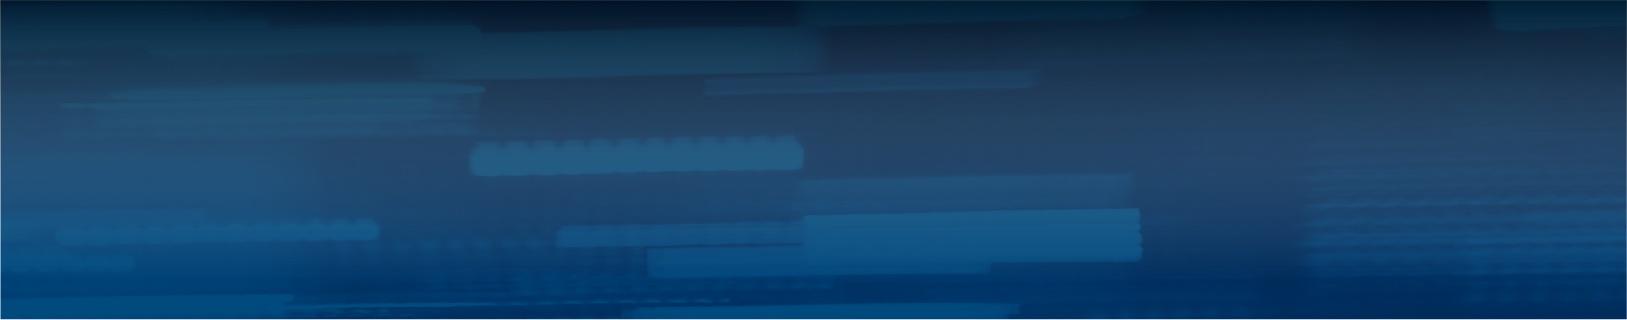 blue-banner.jpg